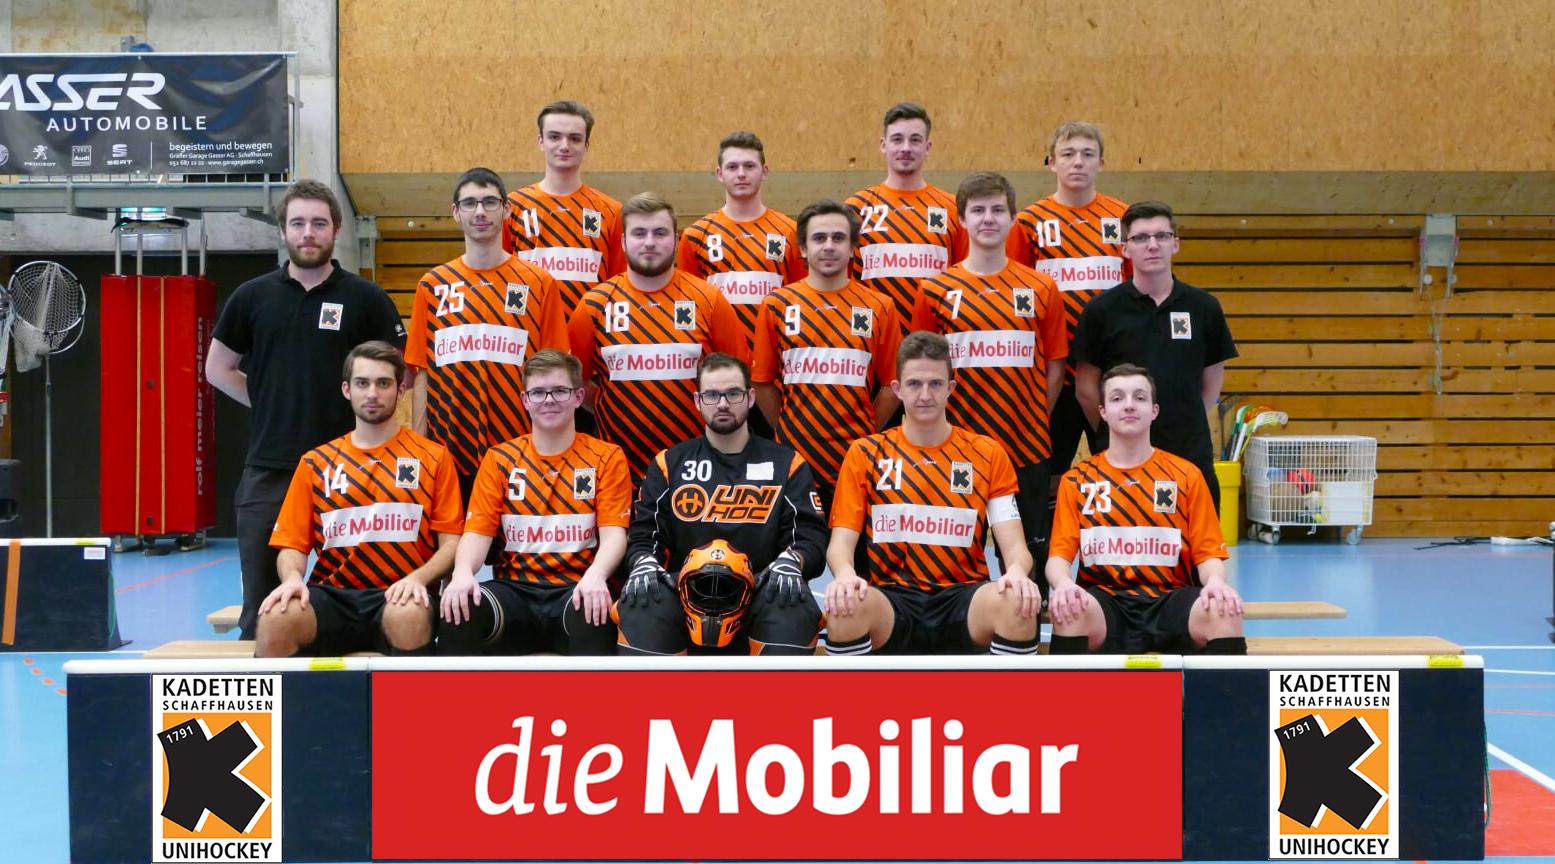 Kadetten_unihockey_schaffhausen_U21